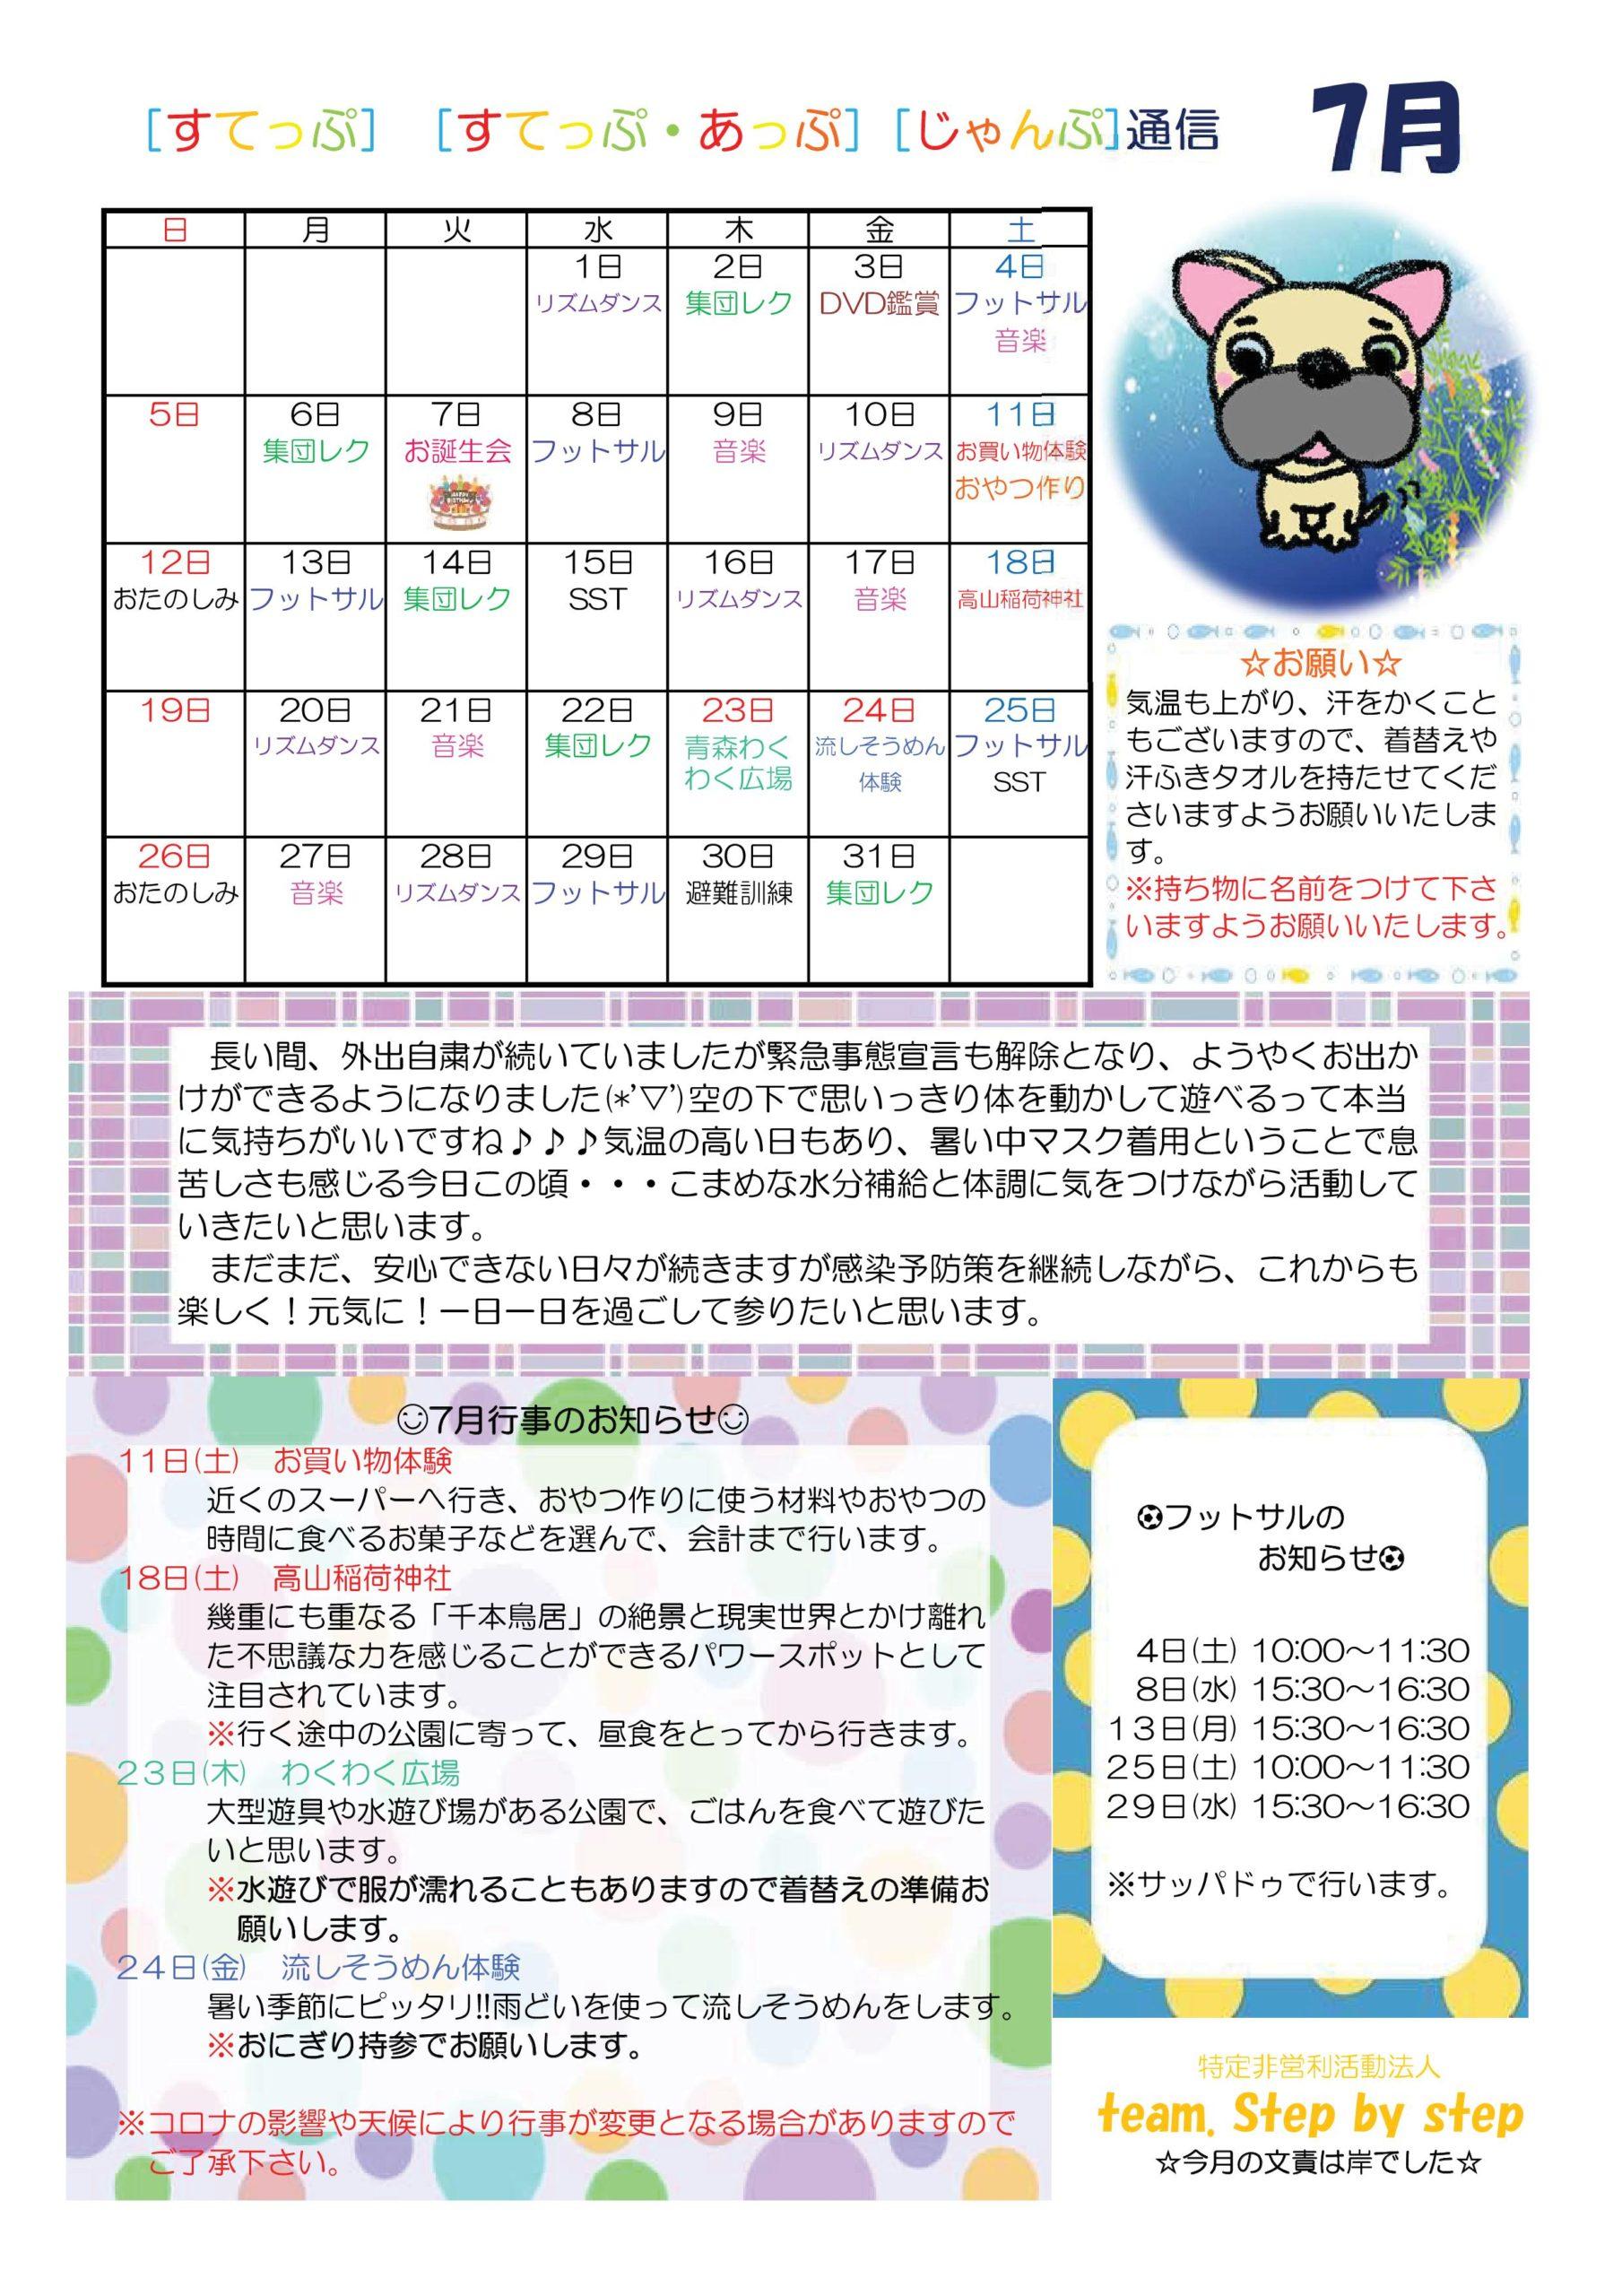 すてっぷ・すてっぷあっぷ・じゃんぷ通信2020年7月号